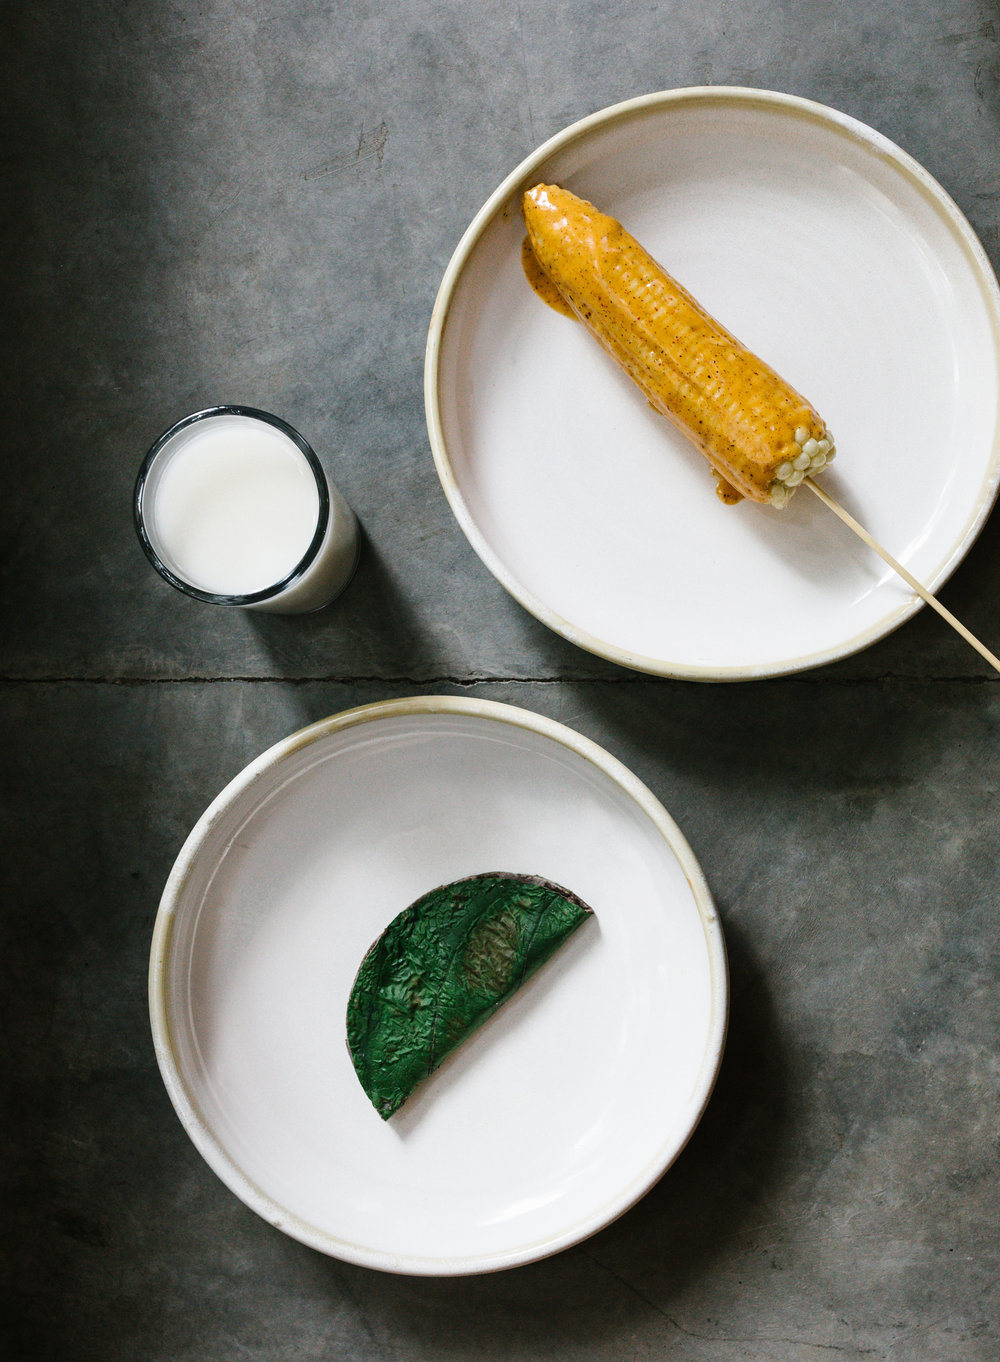 molino_meal_edit.jpg